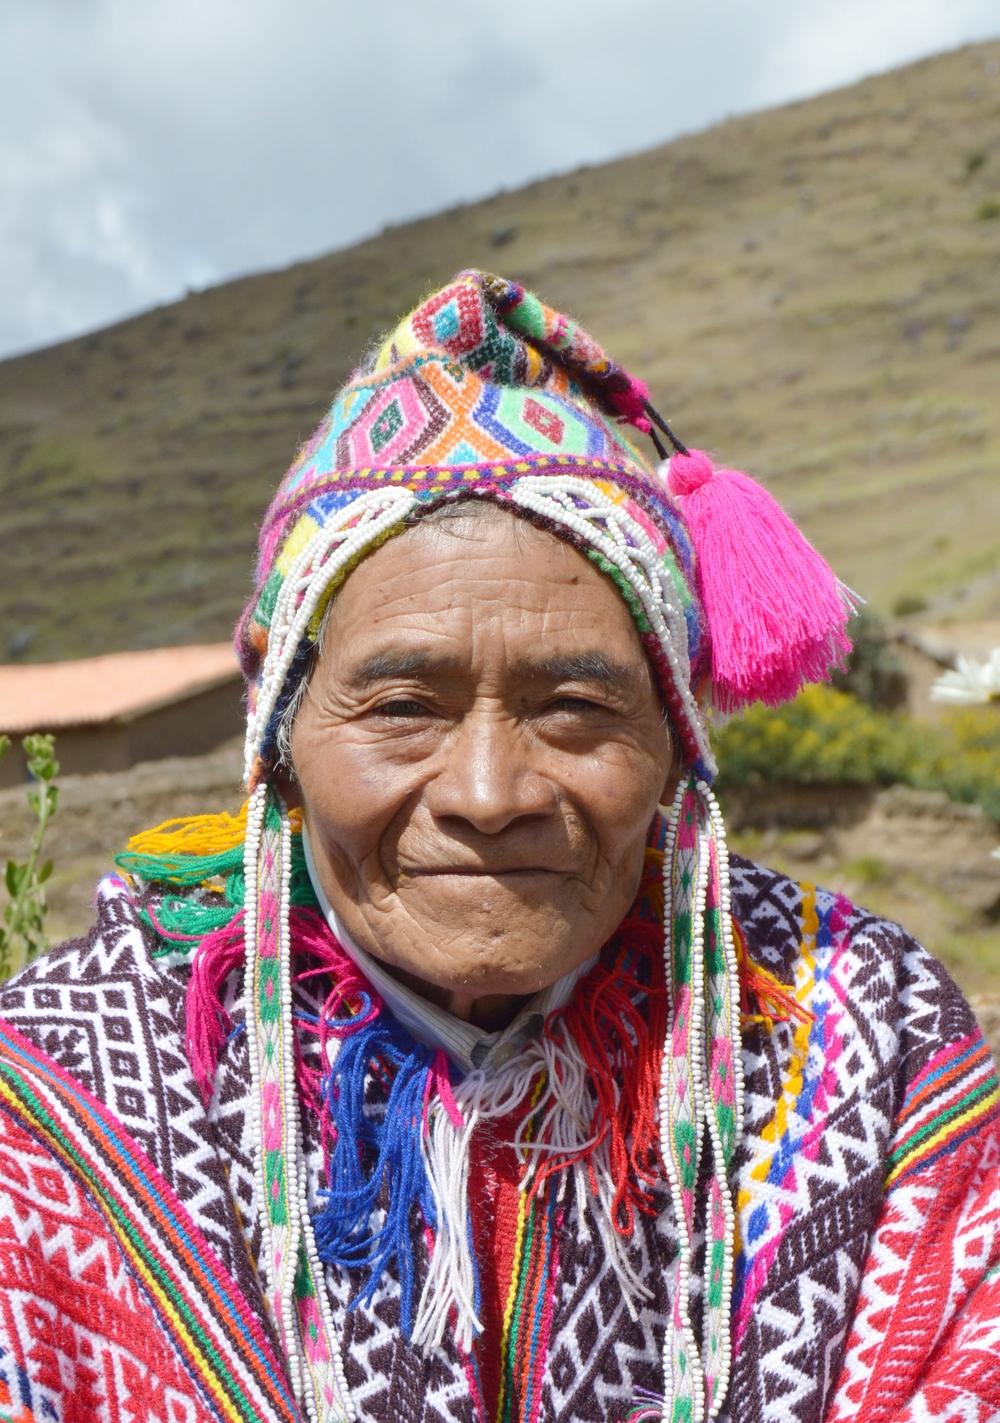 Fermin Pacco Gallegos, Farmer & Ex-President of Paru Paru Community